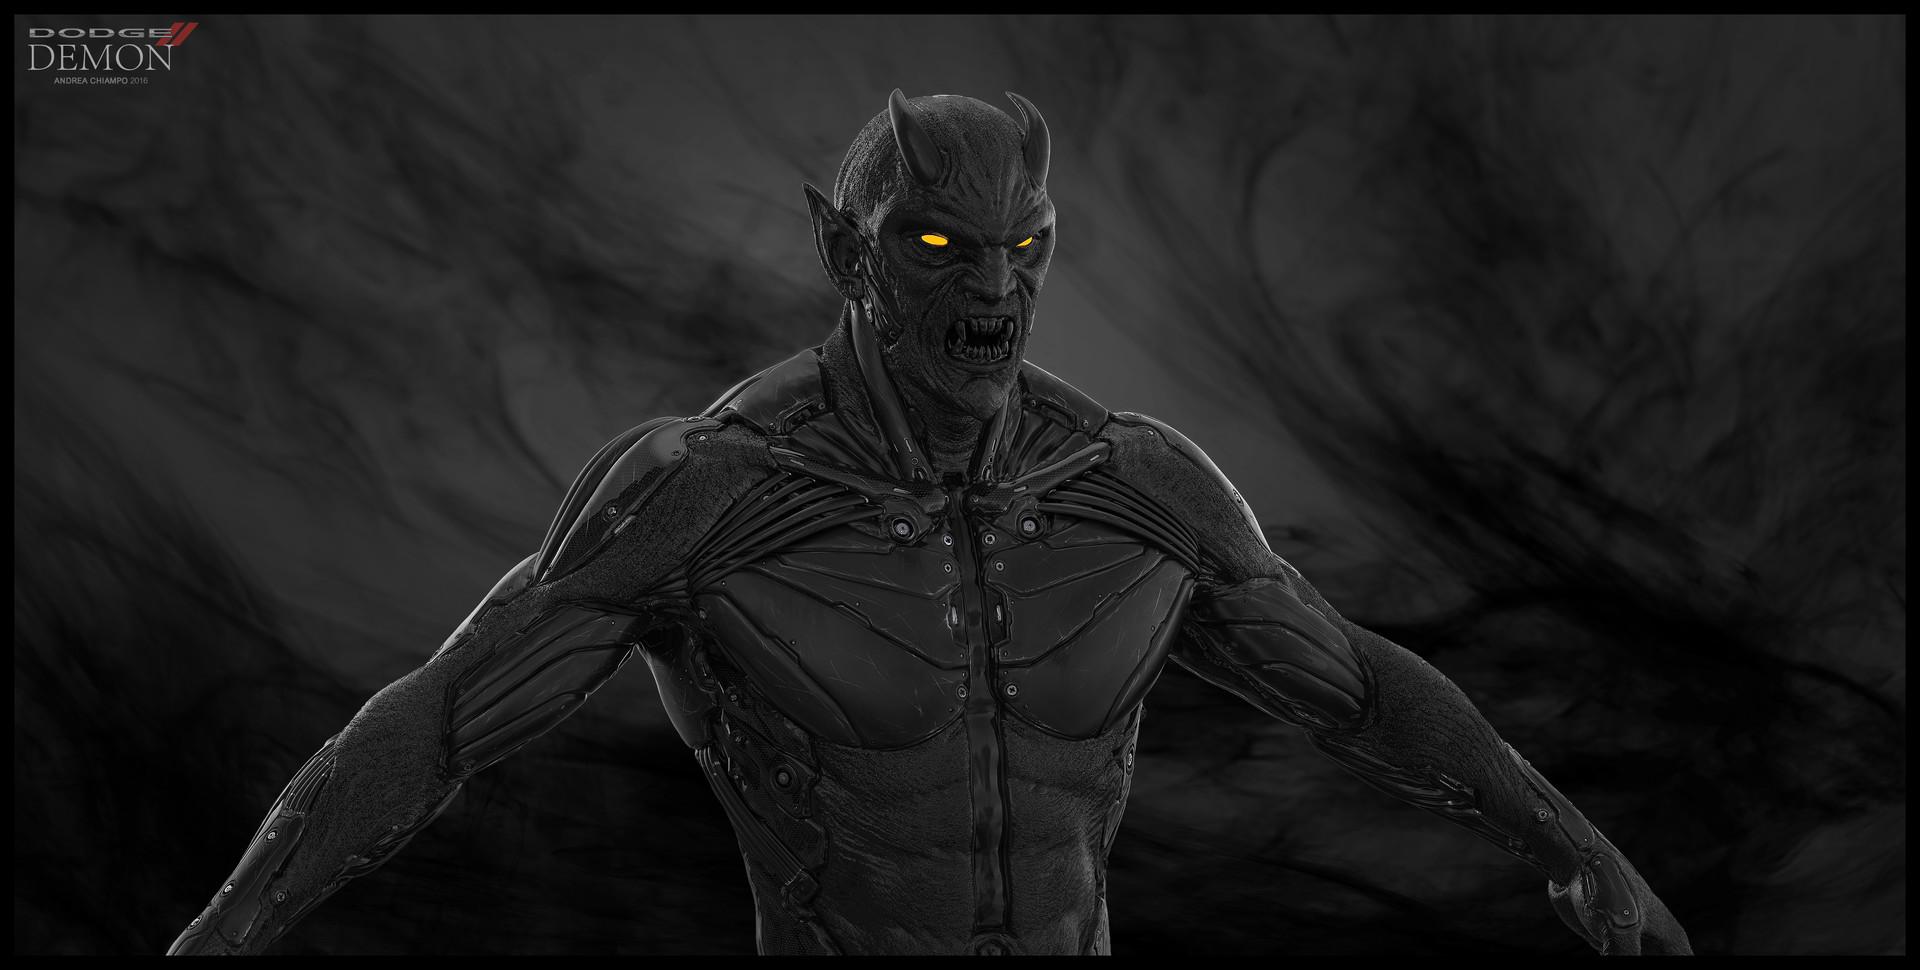 Andrea chiampo human demon final 2